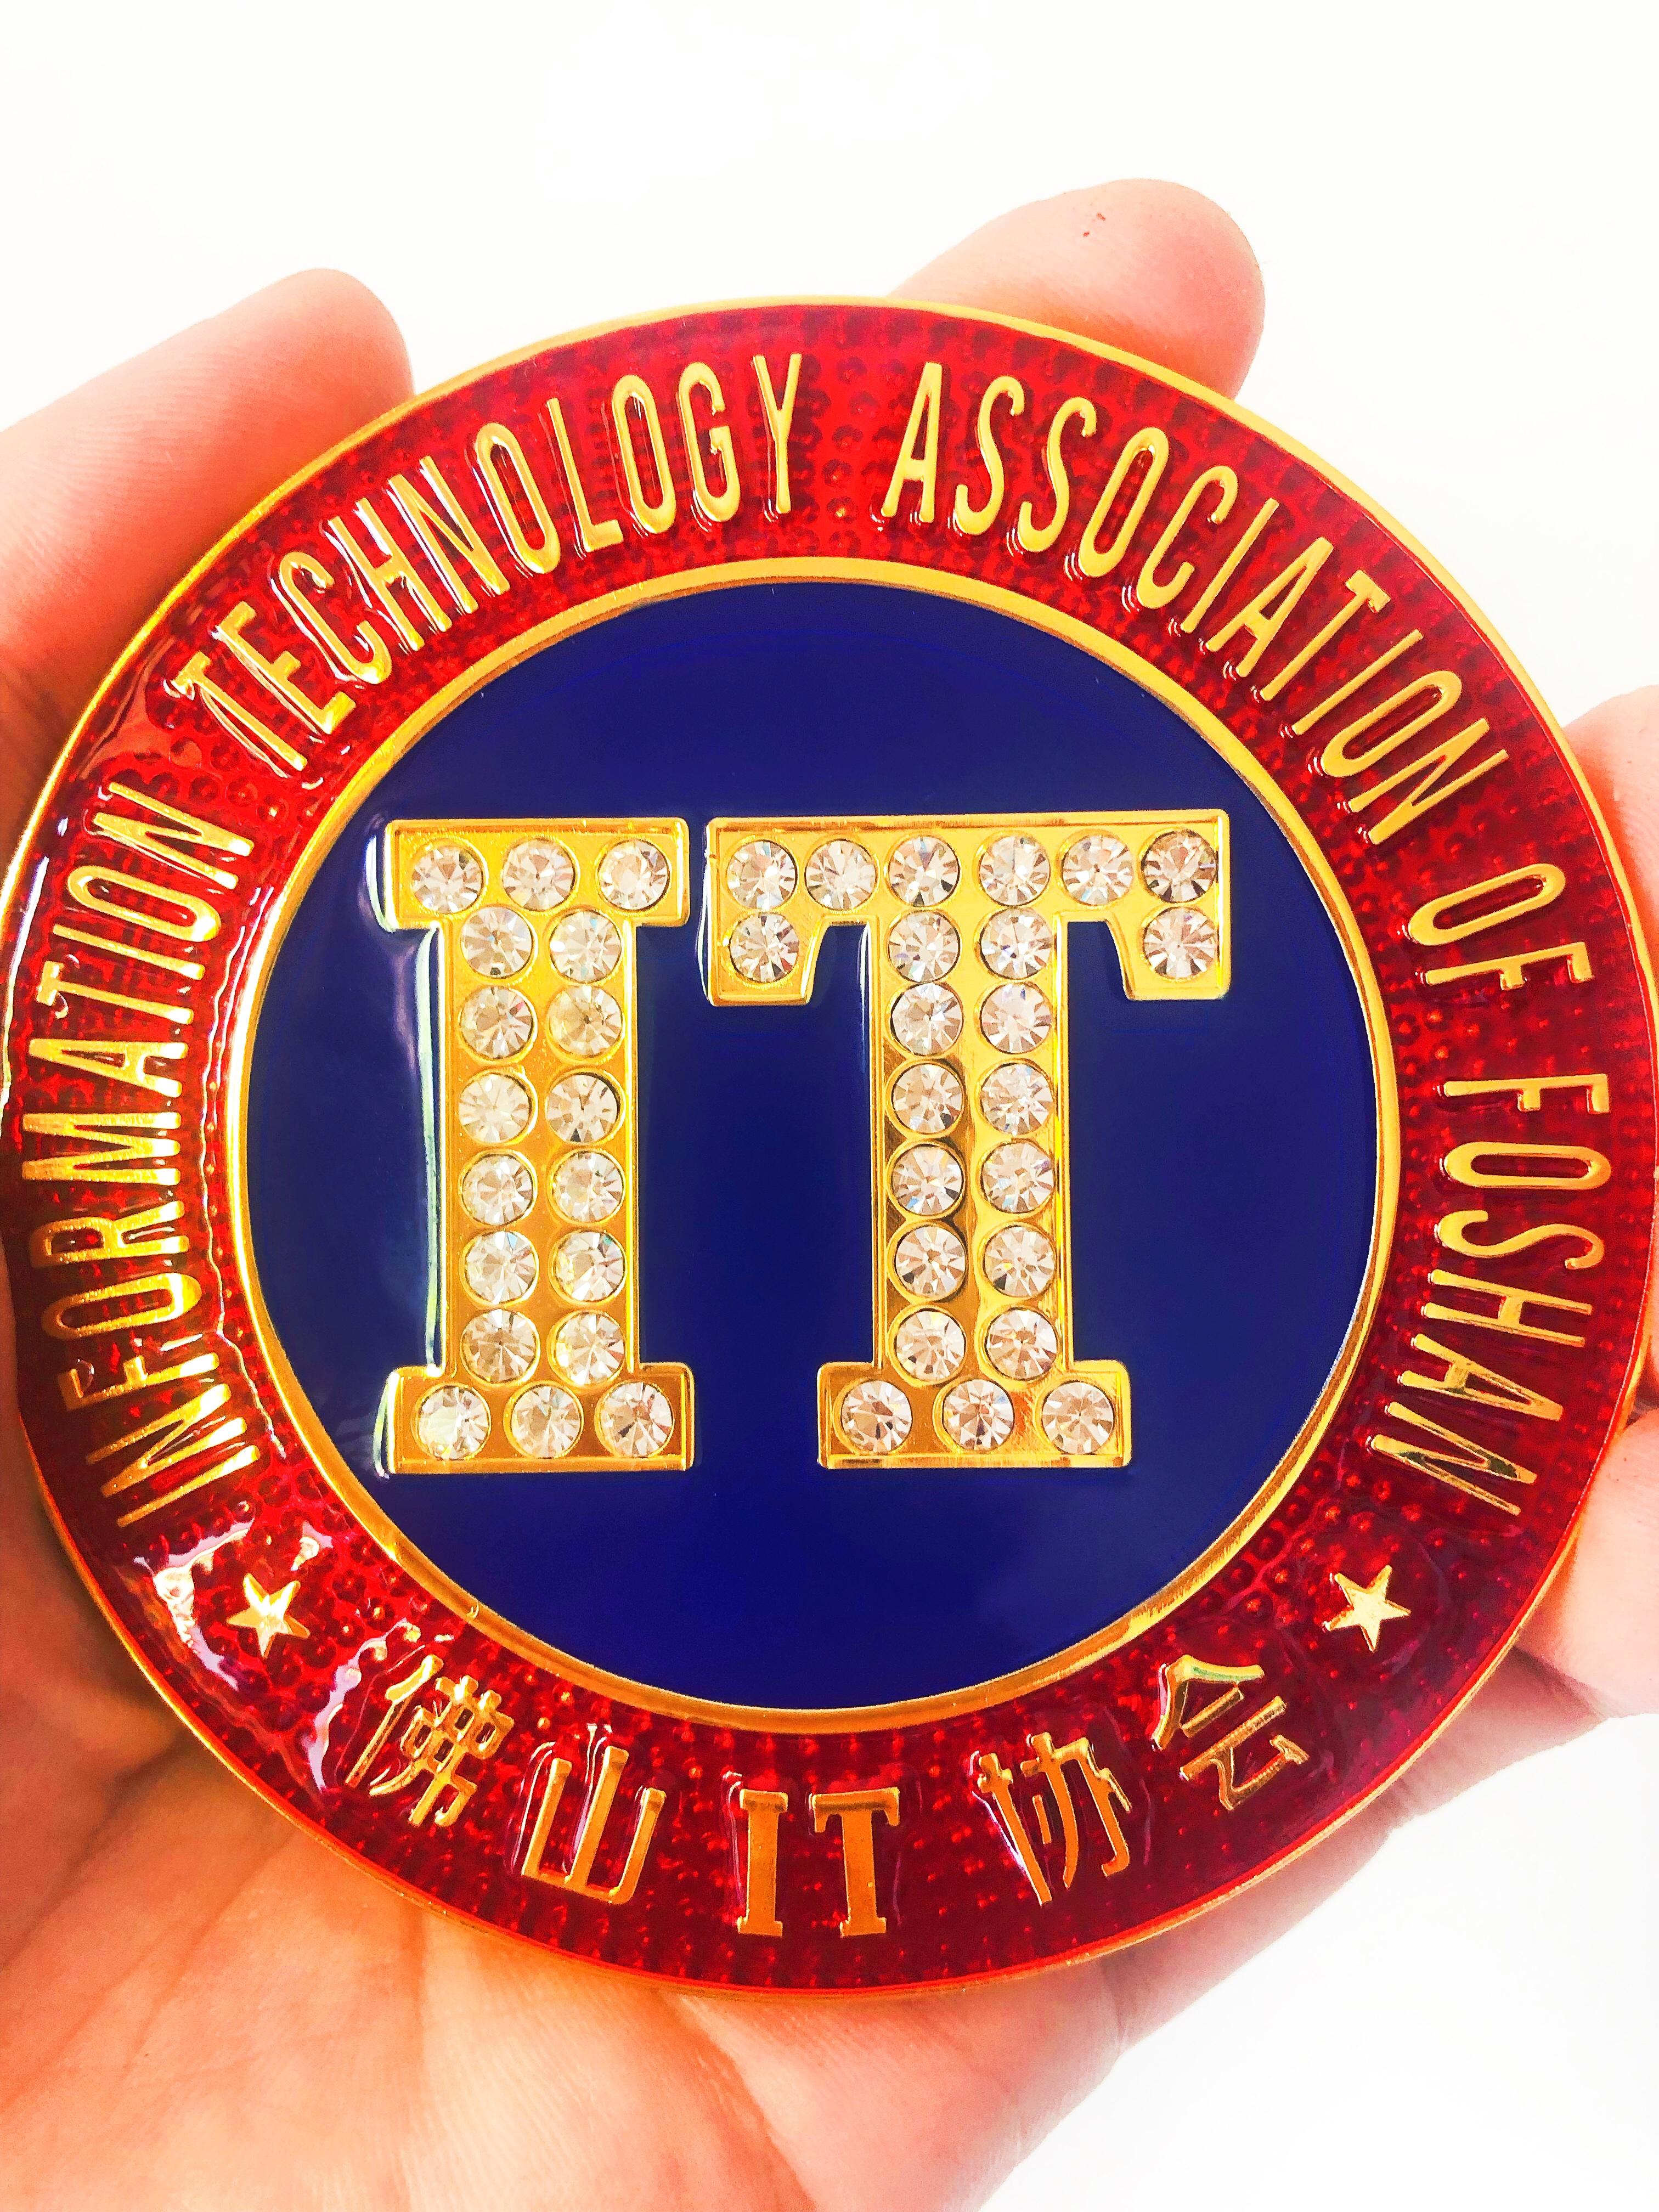 由佛山联萌科技牵头出品的佛山市IT协会车标正式上线